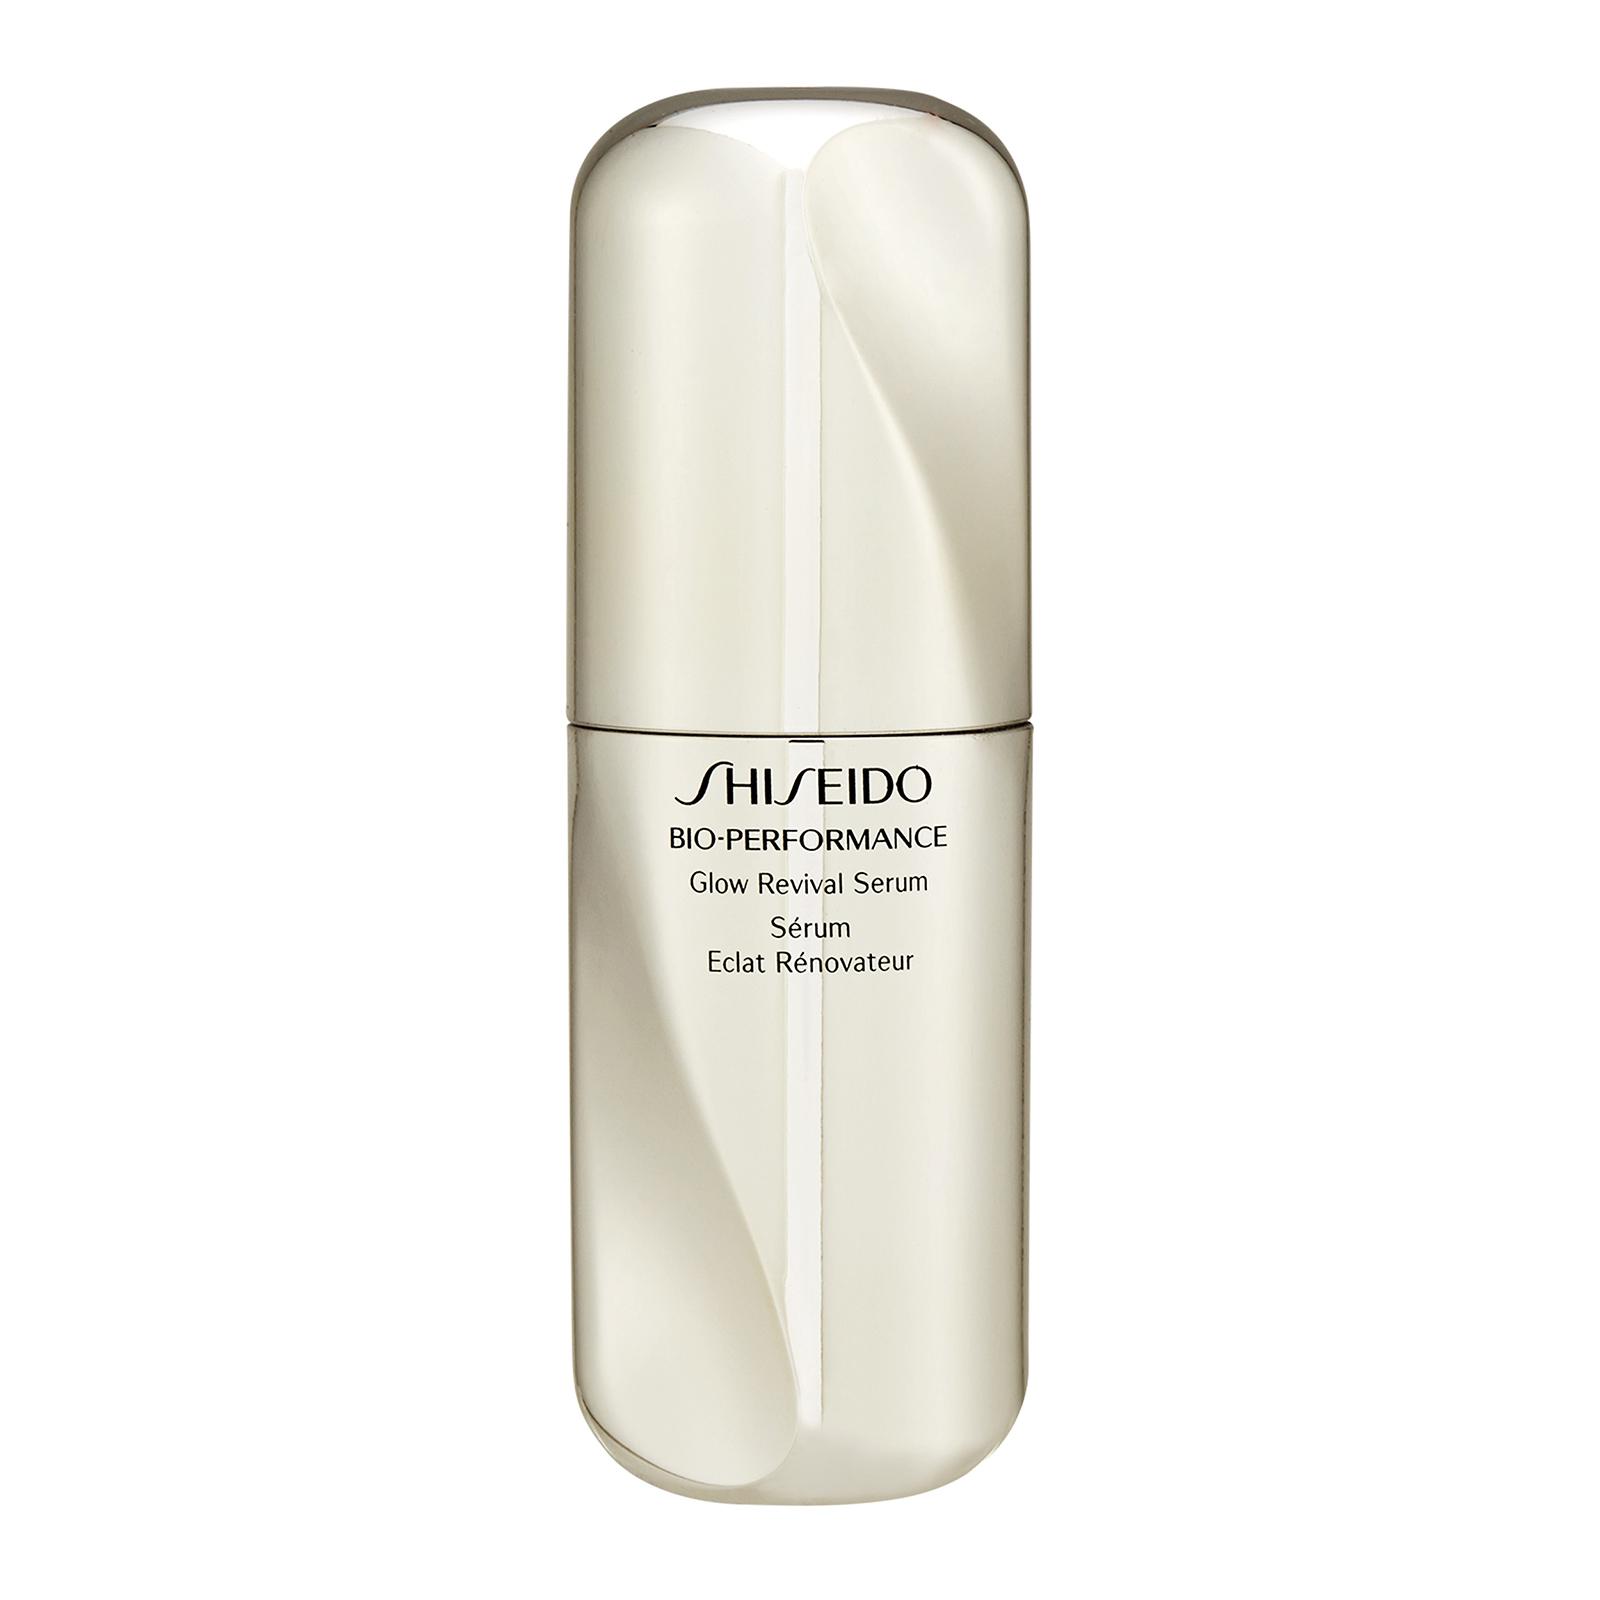 Shiseido Bio-Performance Glow Revival Serum 1oz, 30ml